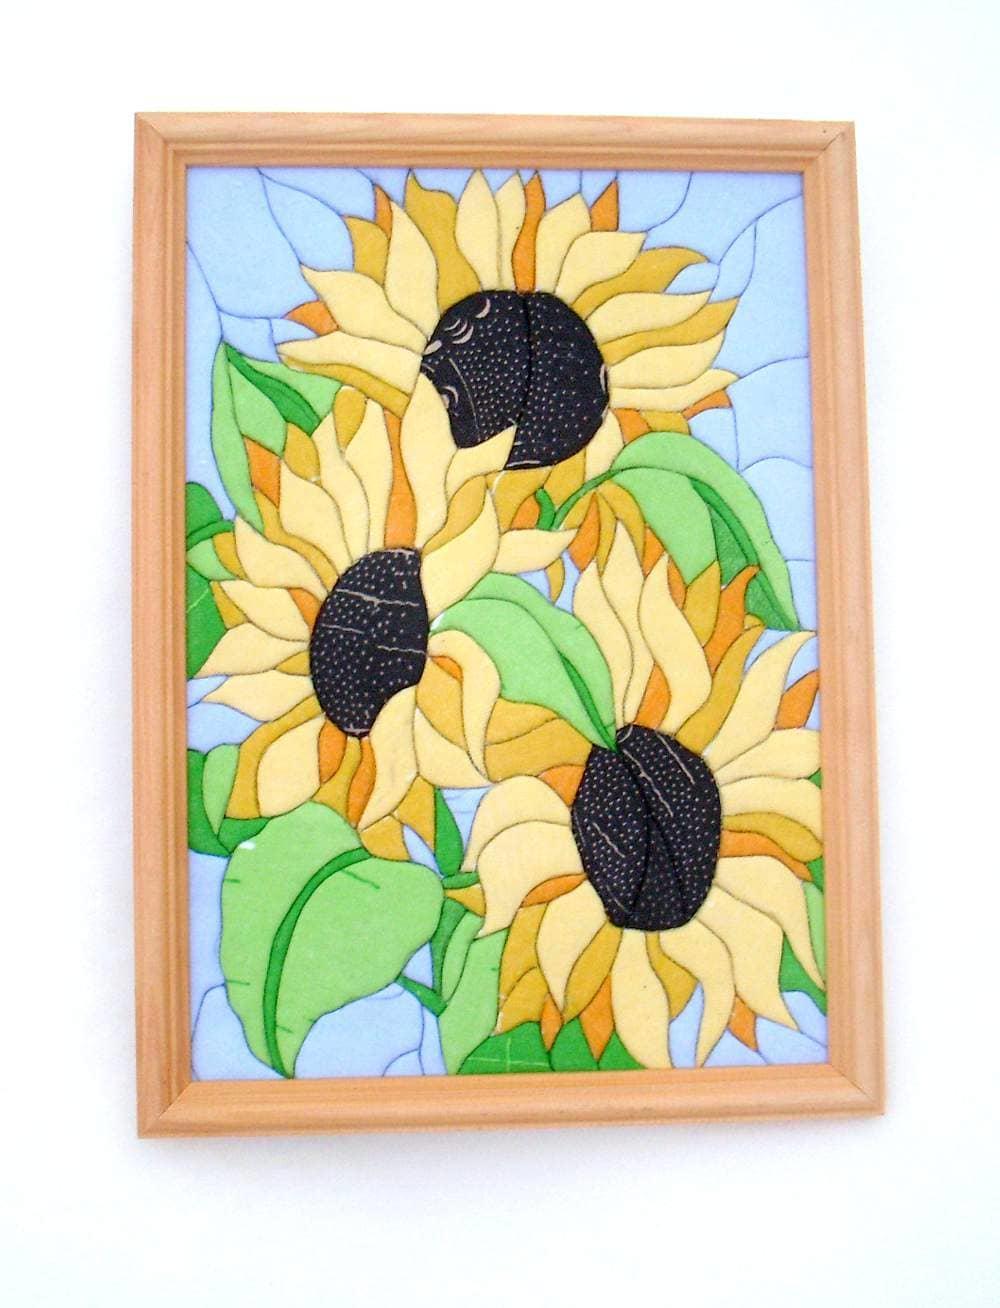 6-min64 Панно из ткани: своими руками на стену, из лоскутов, фото аппликации, цветы декоративные, история, как сделать настенное